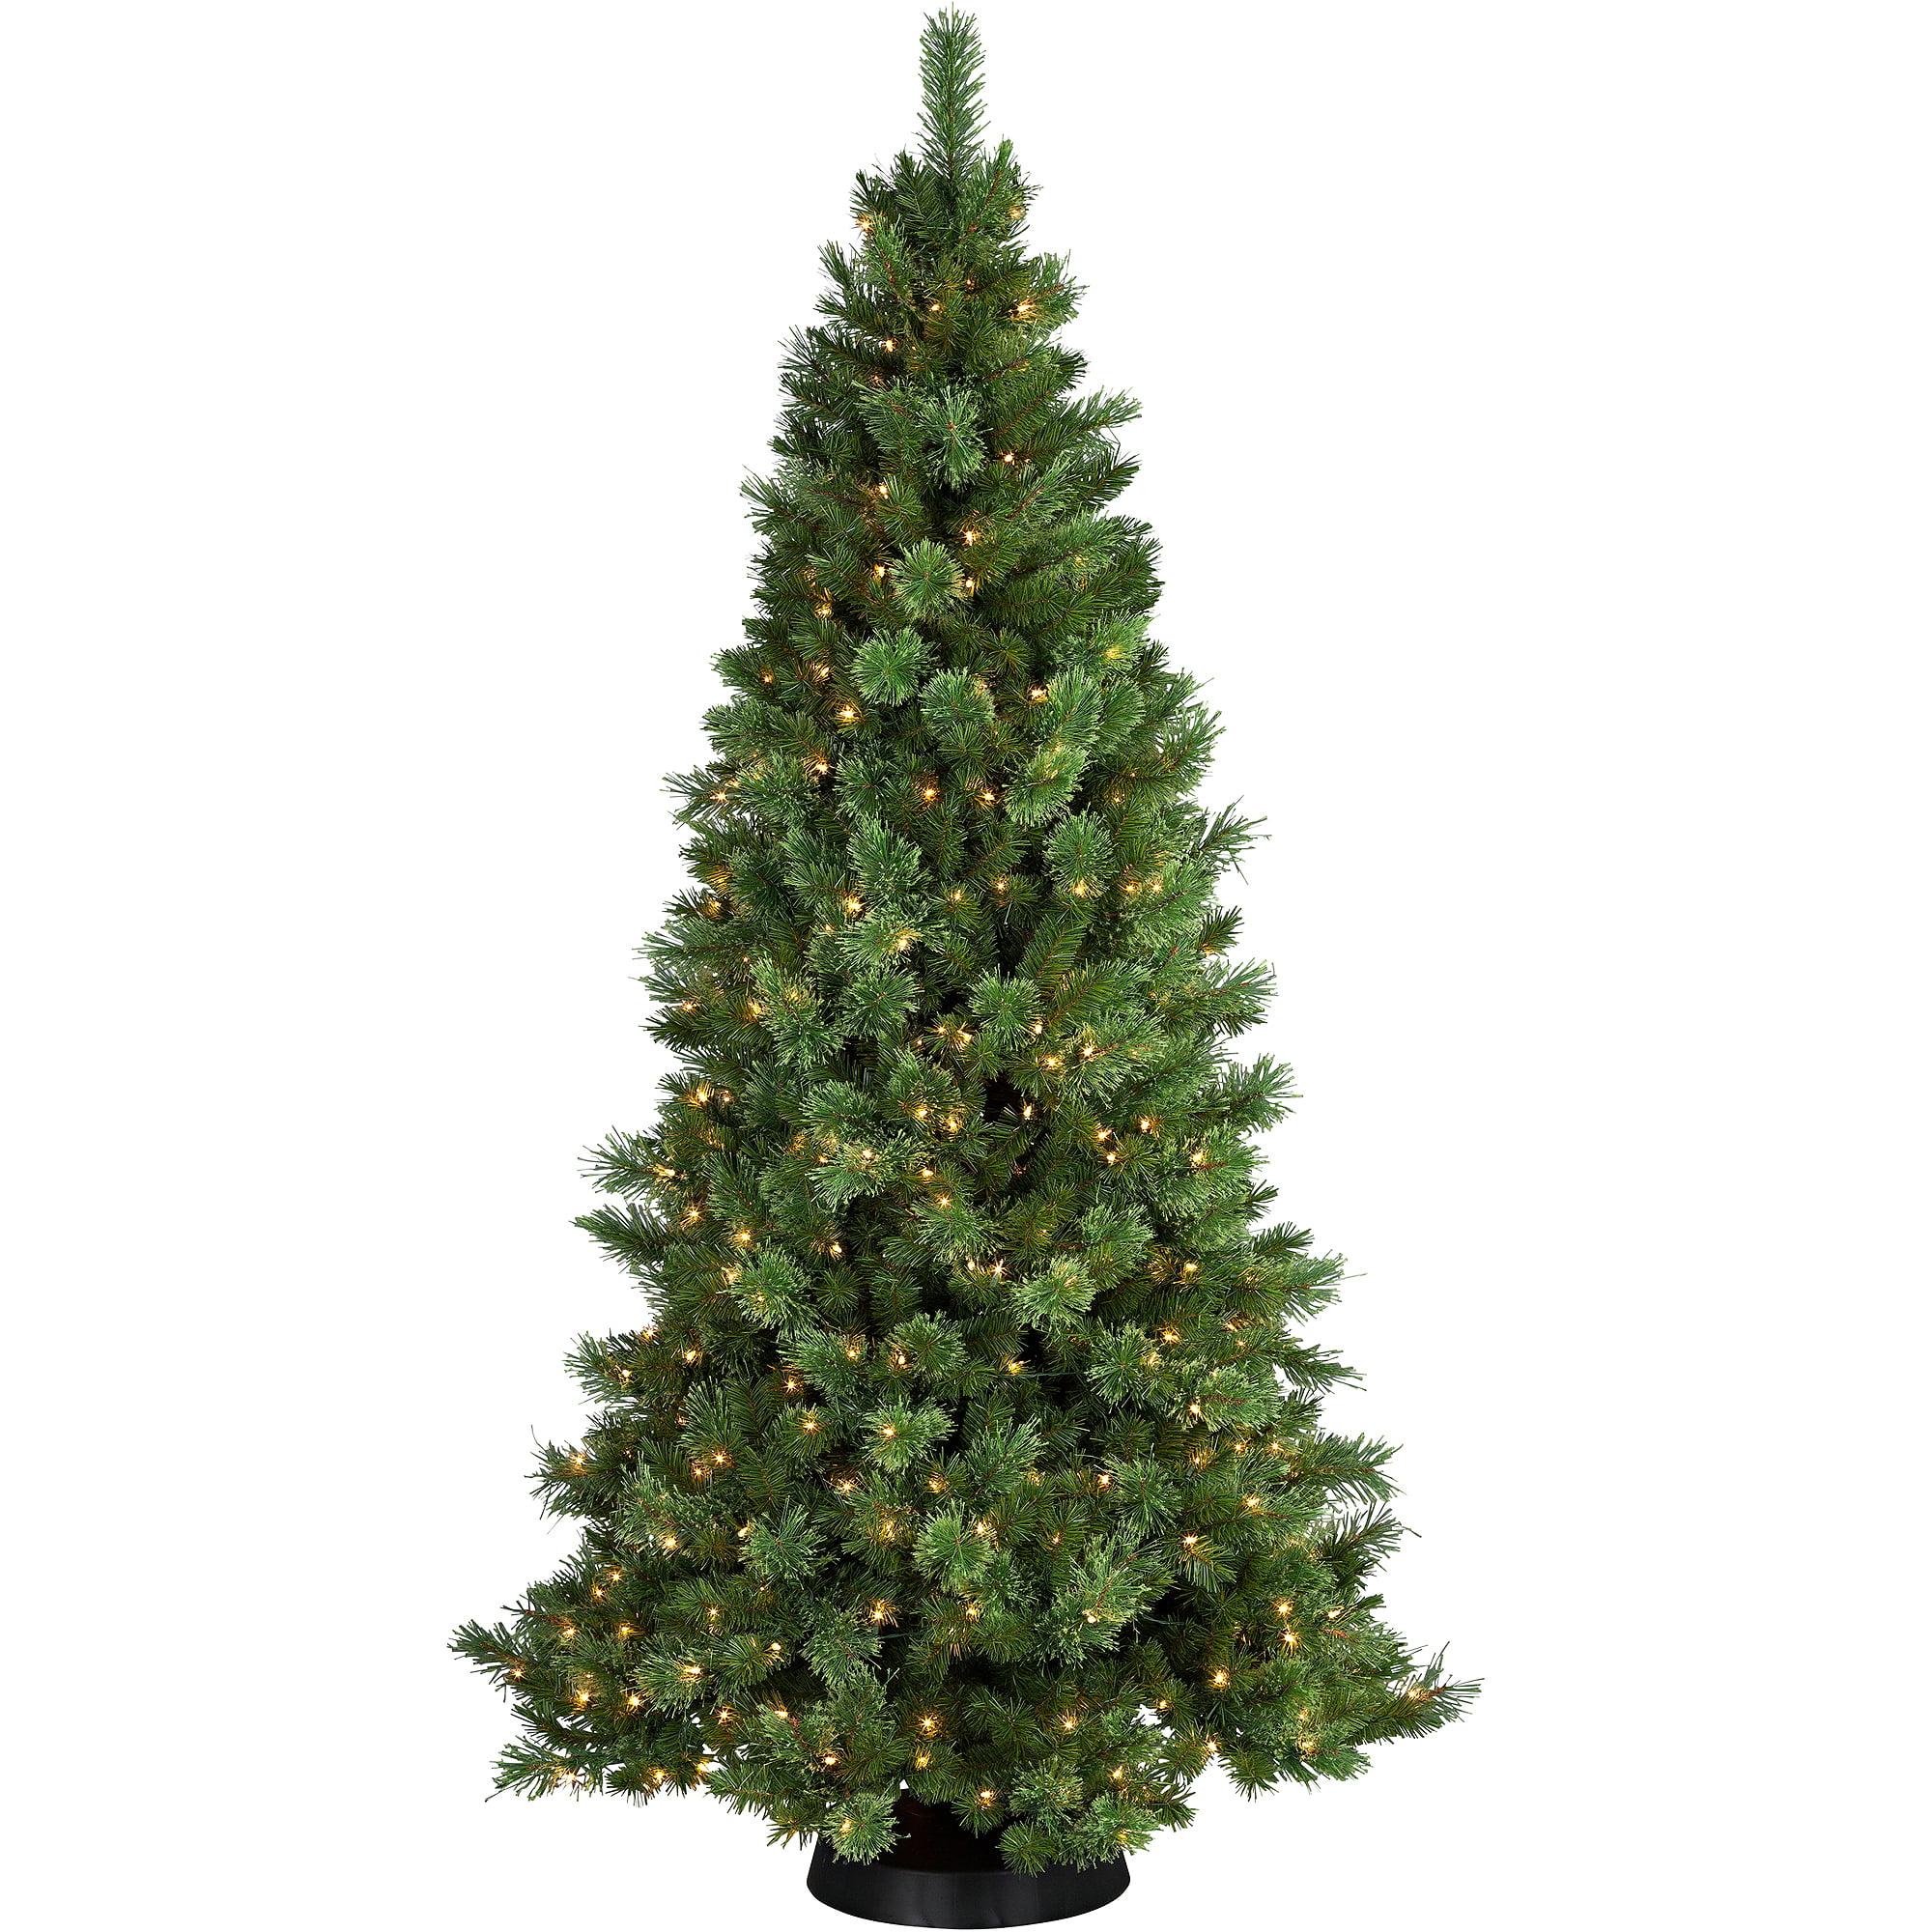 how to take out a chrismas tree led light